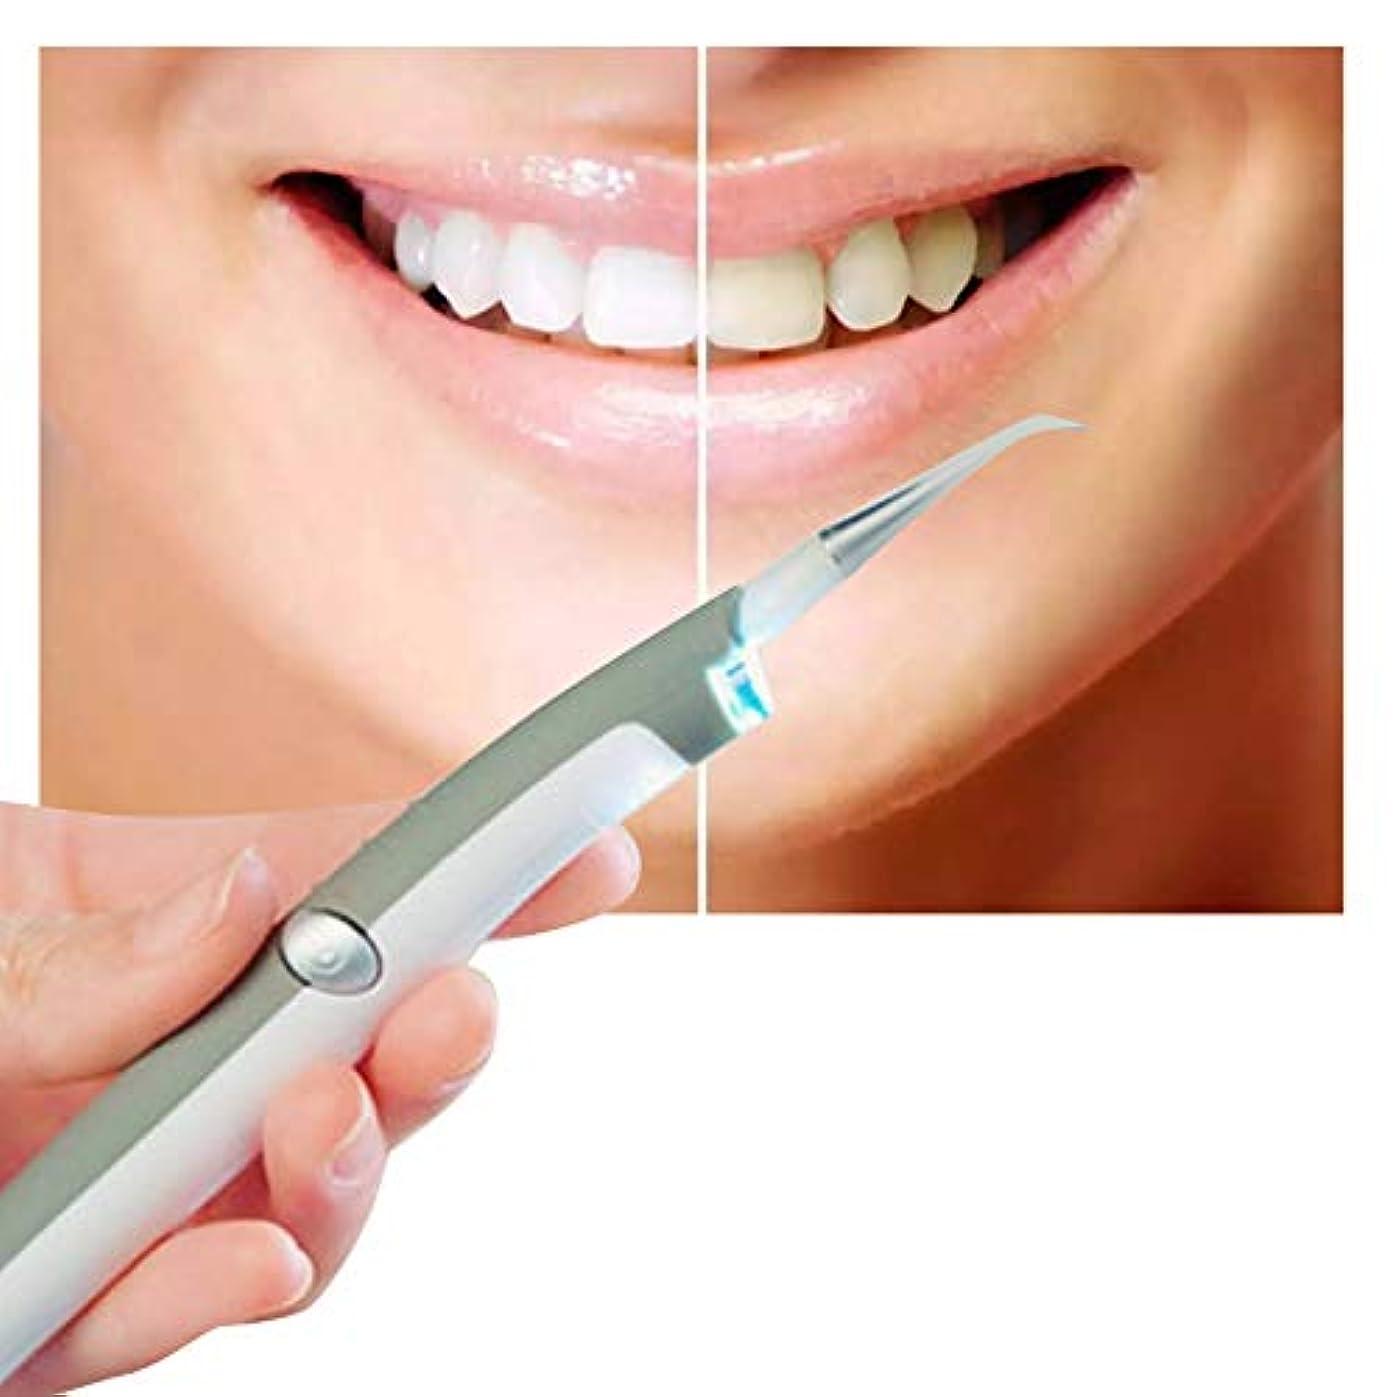 発生するやりすぎスコットランド人ixaer LED歯科用ツールキット ソニック 音波振動 歯科用ポリッシャー 歯間クリーナー ステインバスター 歯垢や歯石などを予防 歯の汚れ消しゴム オーラルケア クリーニングツール